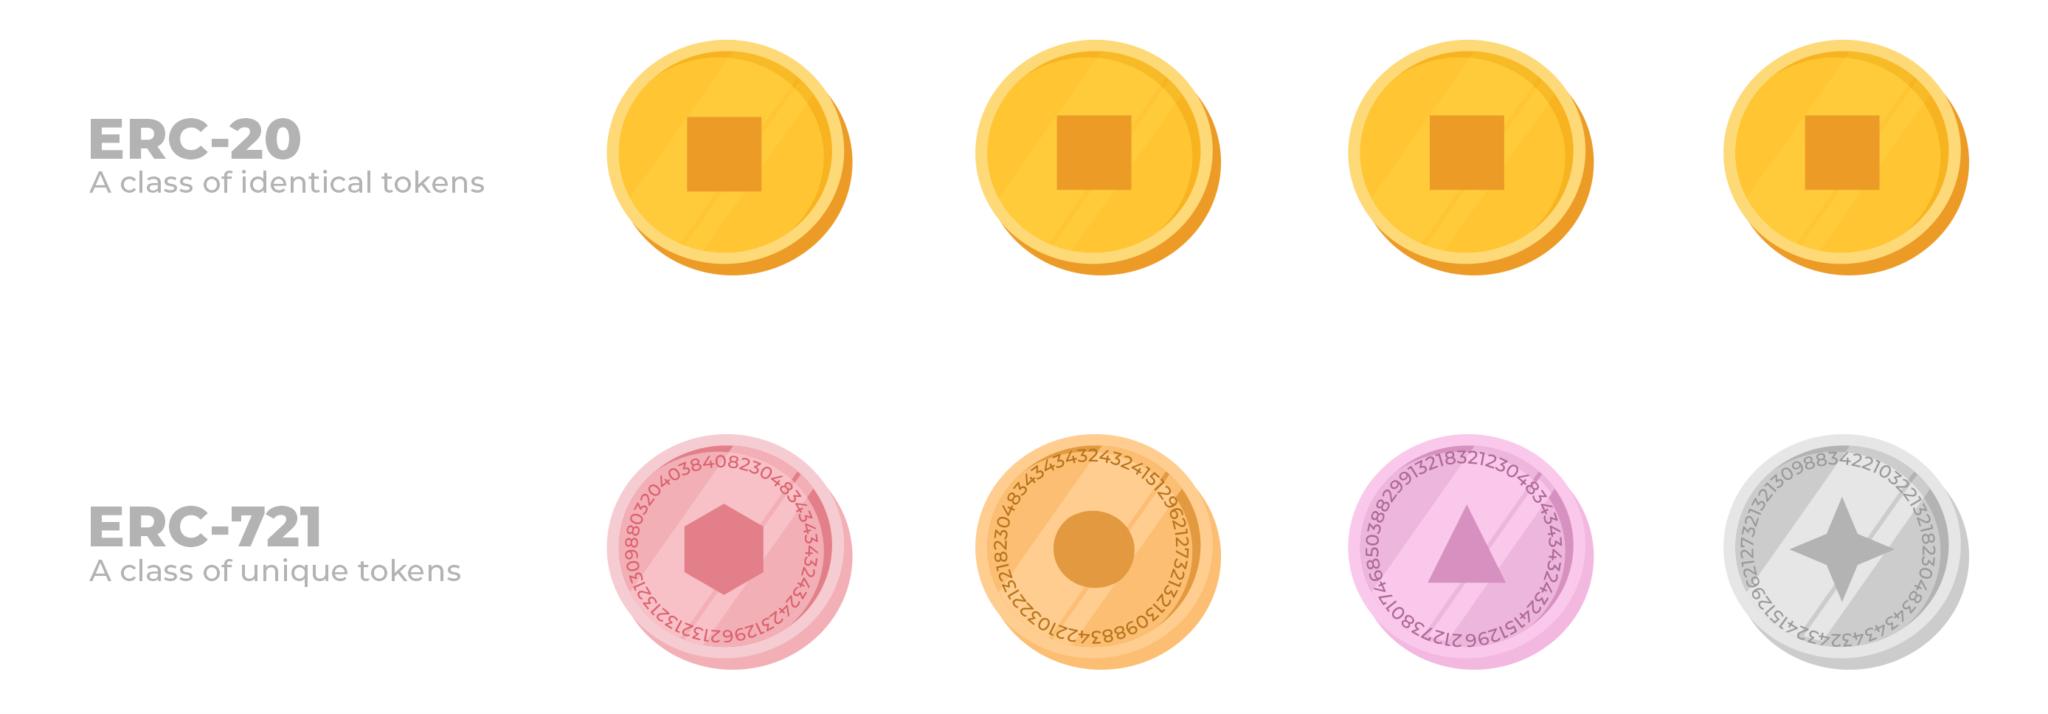 nft-token-standards-ethereum